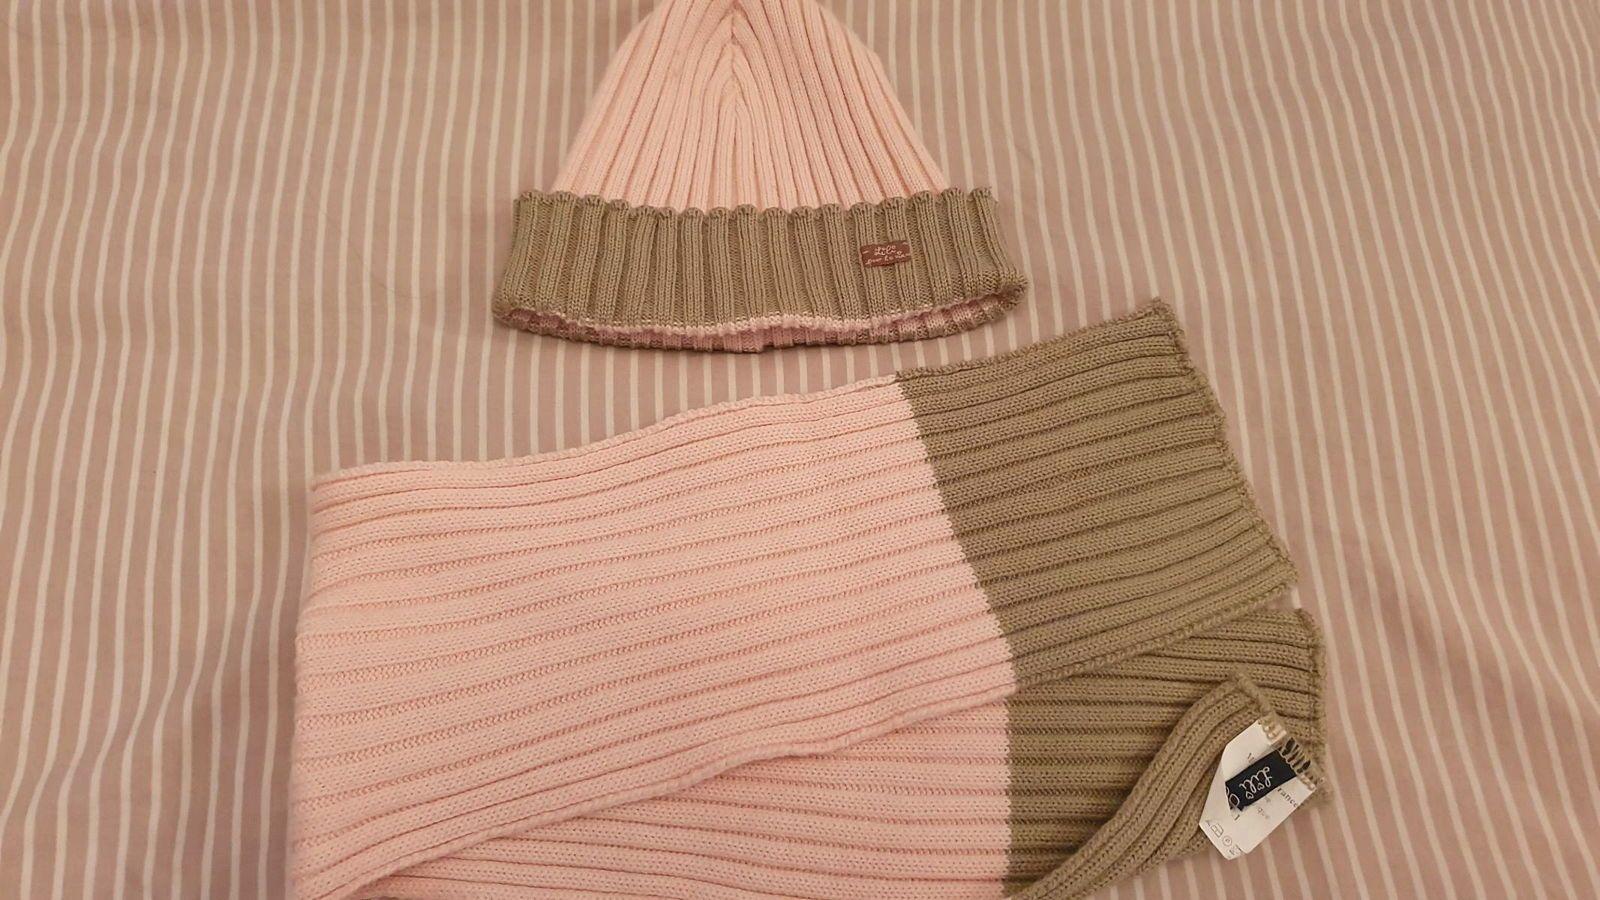 Vends ensemble bonnet écharpe Lili gaufrette - Taille 18mois